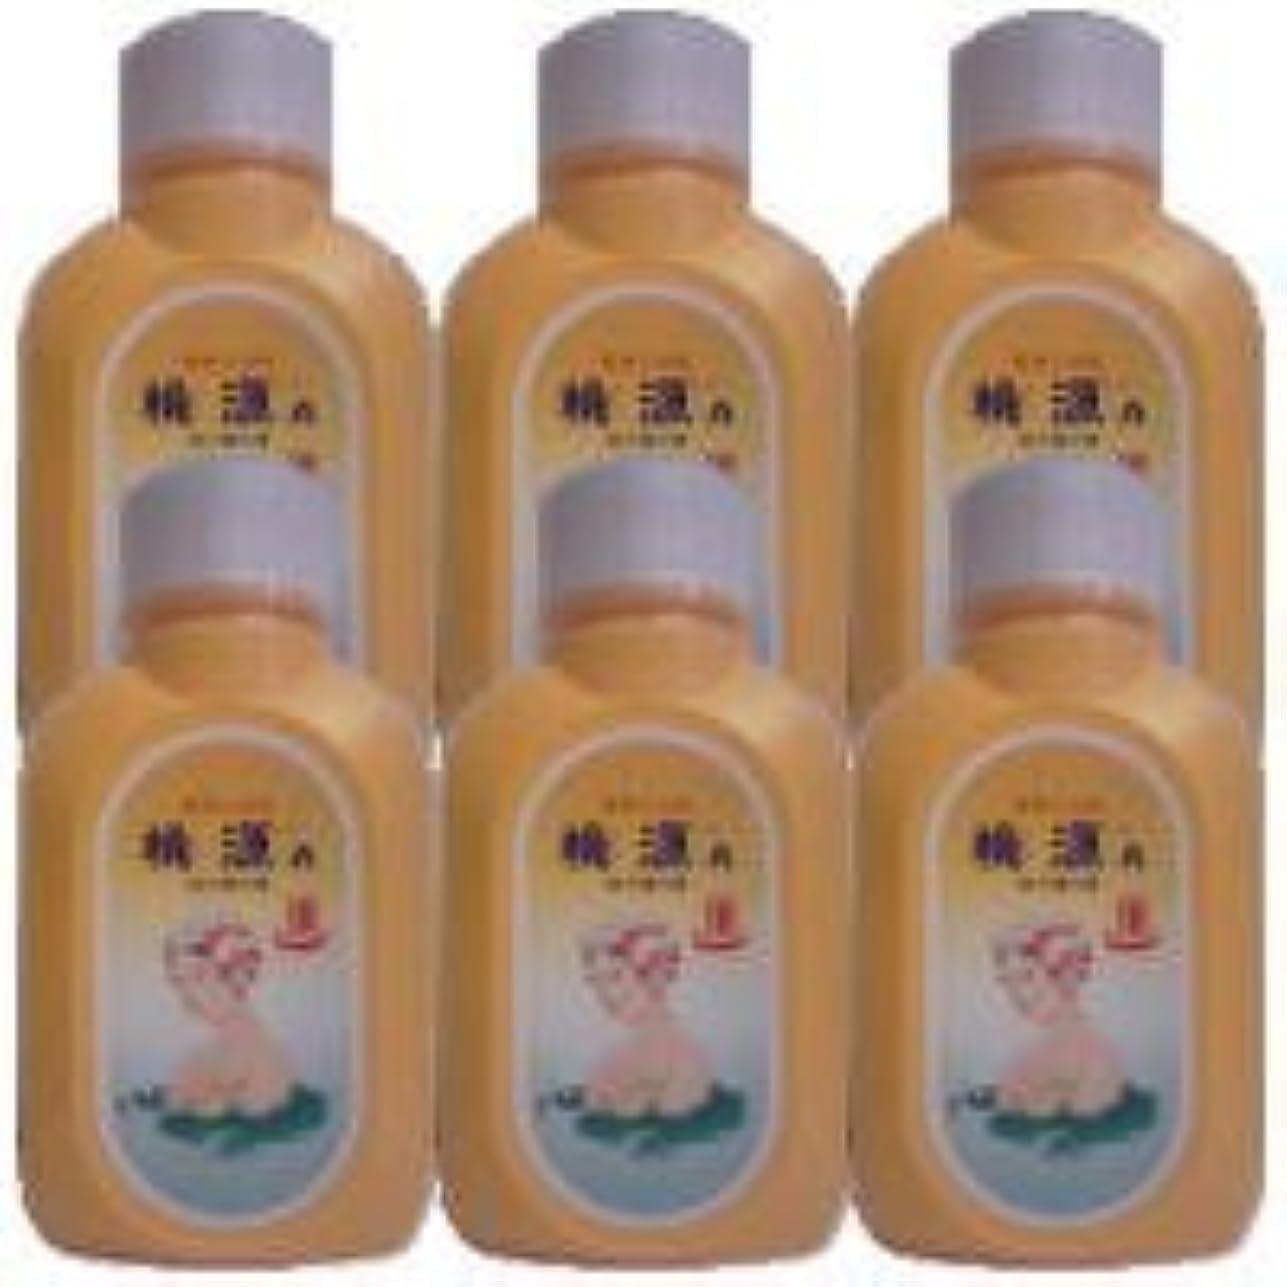 ウィザード薄い収まる桃源 桃の葉の精 700g(オレンジ) 6個